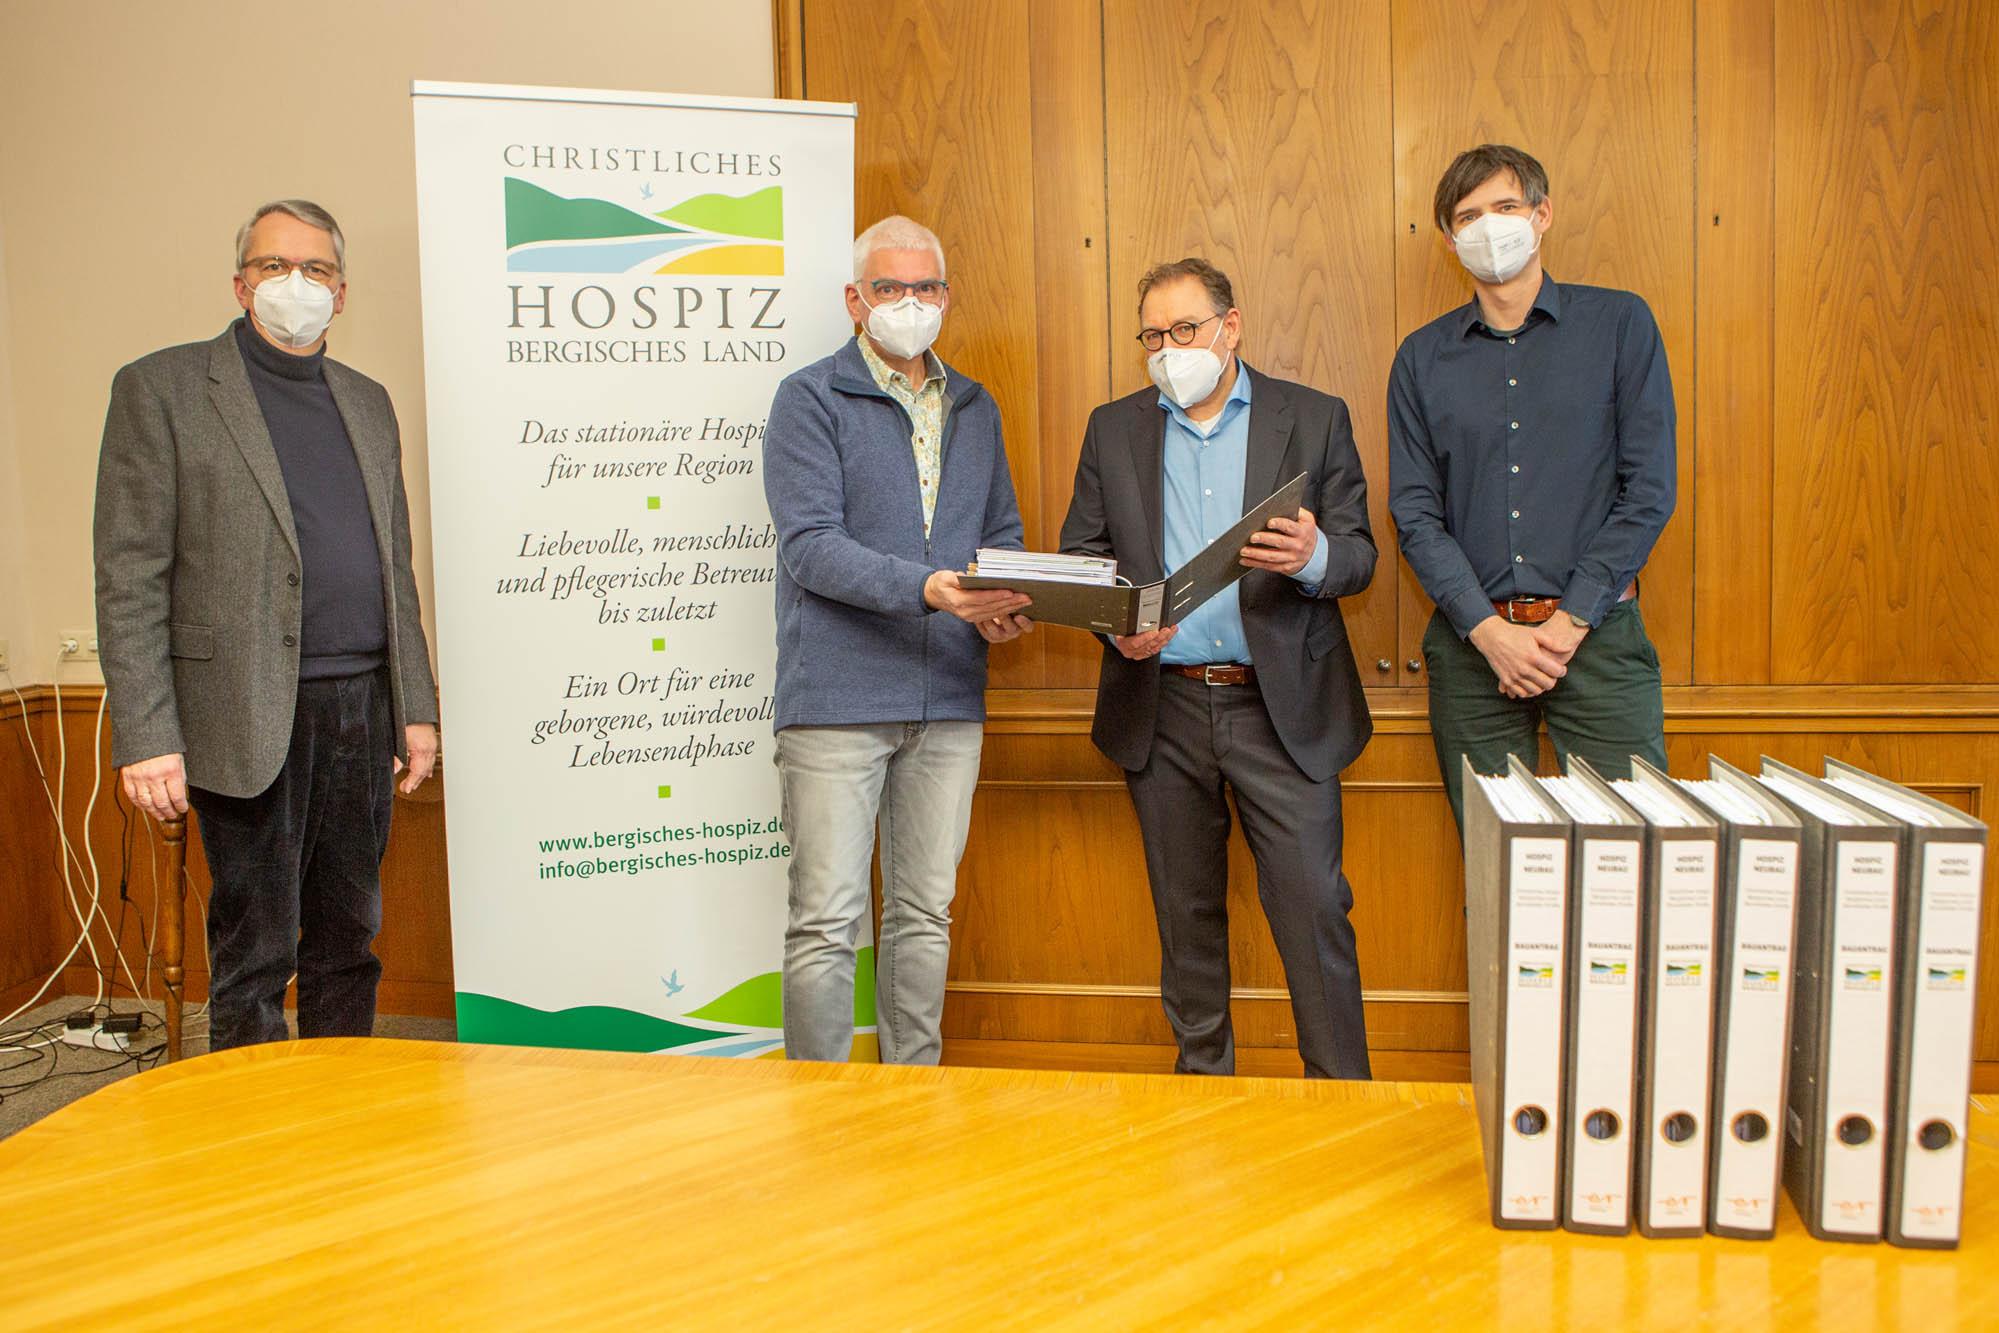 Christliches Hospiz Bergisches Land: Bauantrag ist eingegangen